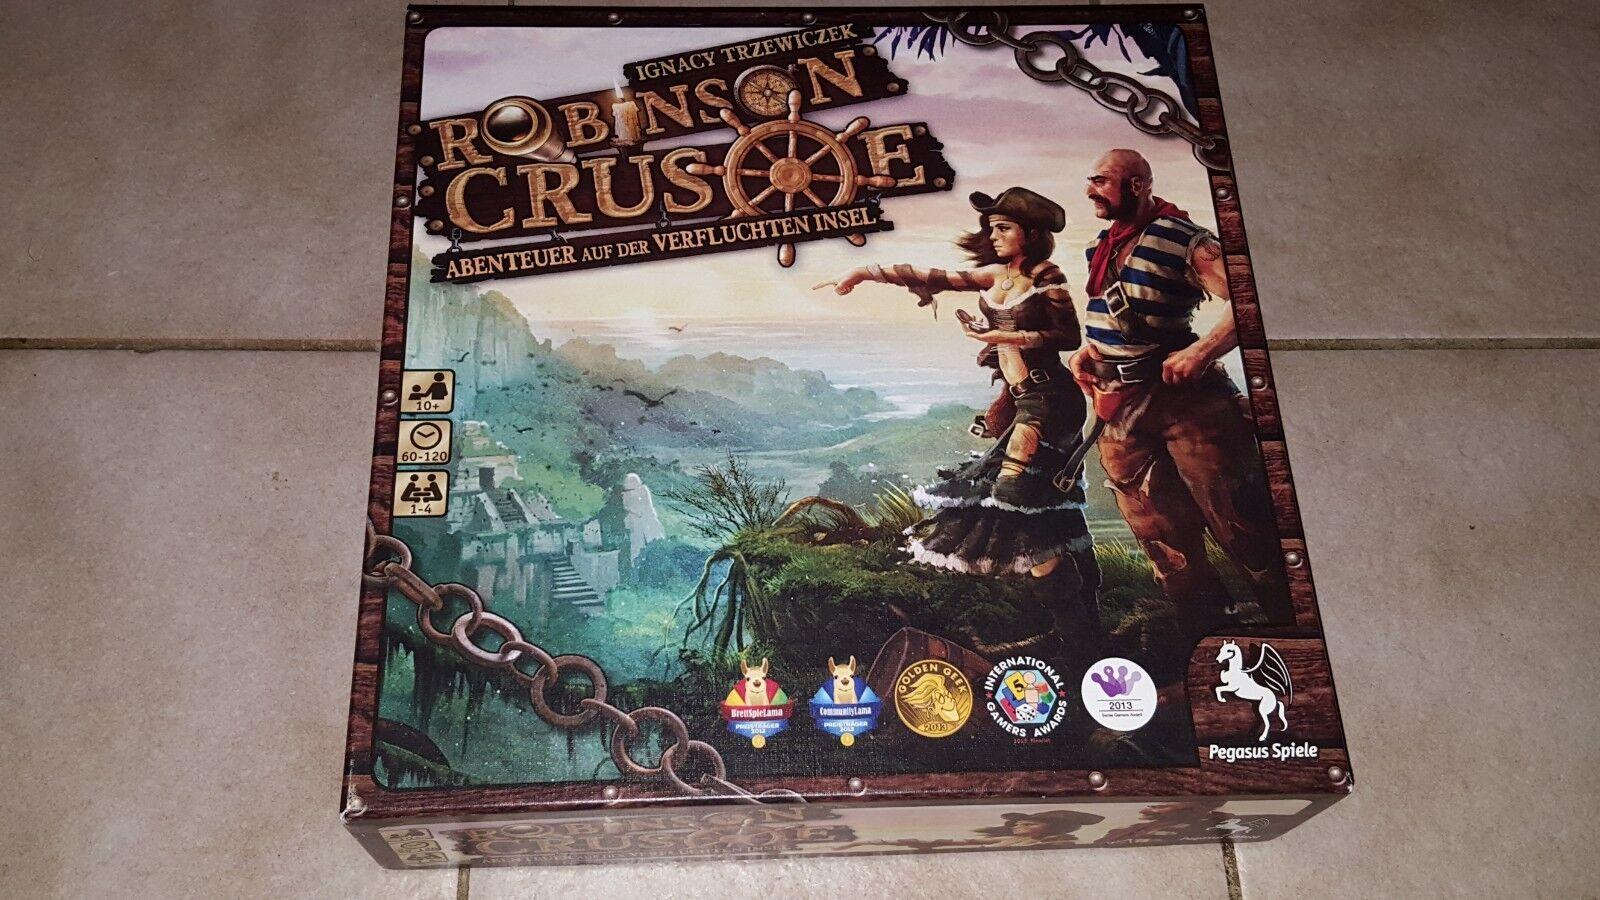 Pegasus Spiele 51945G & 51946G - Robinson Crusoe & Erweierung Beagle - top